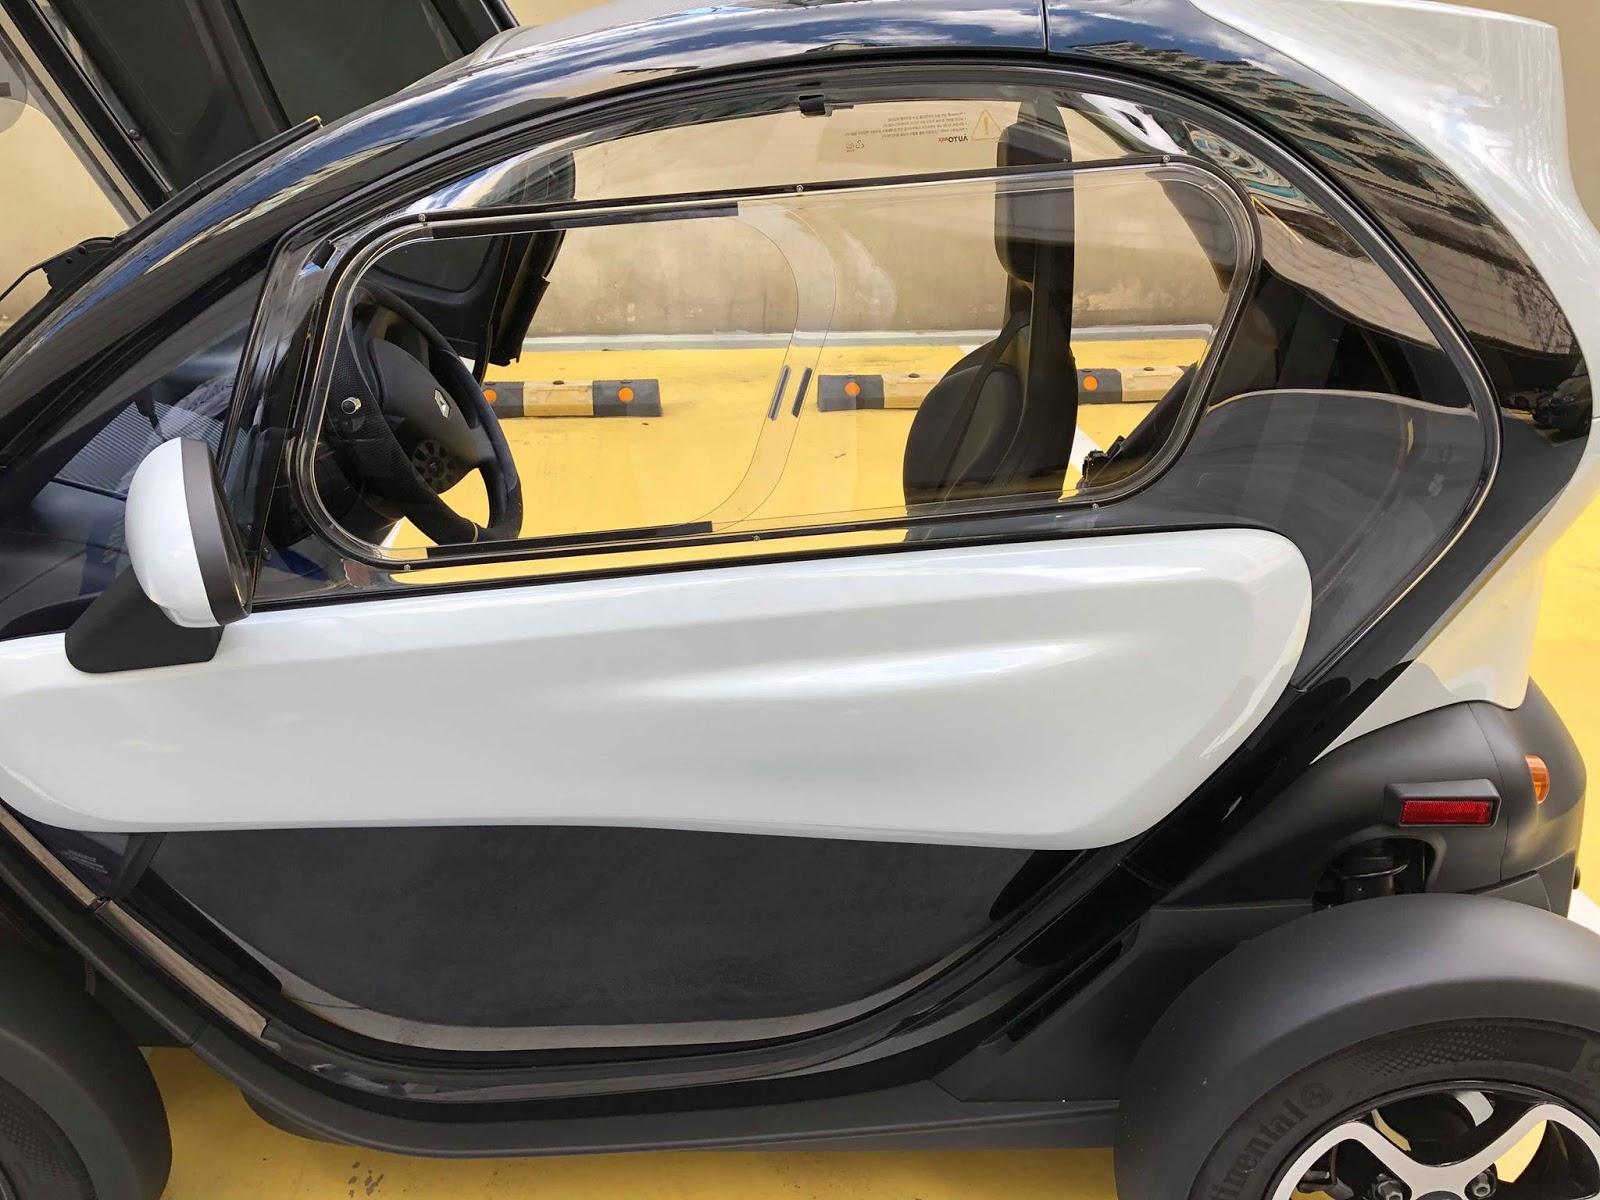 La Vie En Twizy Renault Twizy Comparatif Des Vitres Mise à Jour